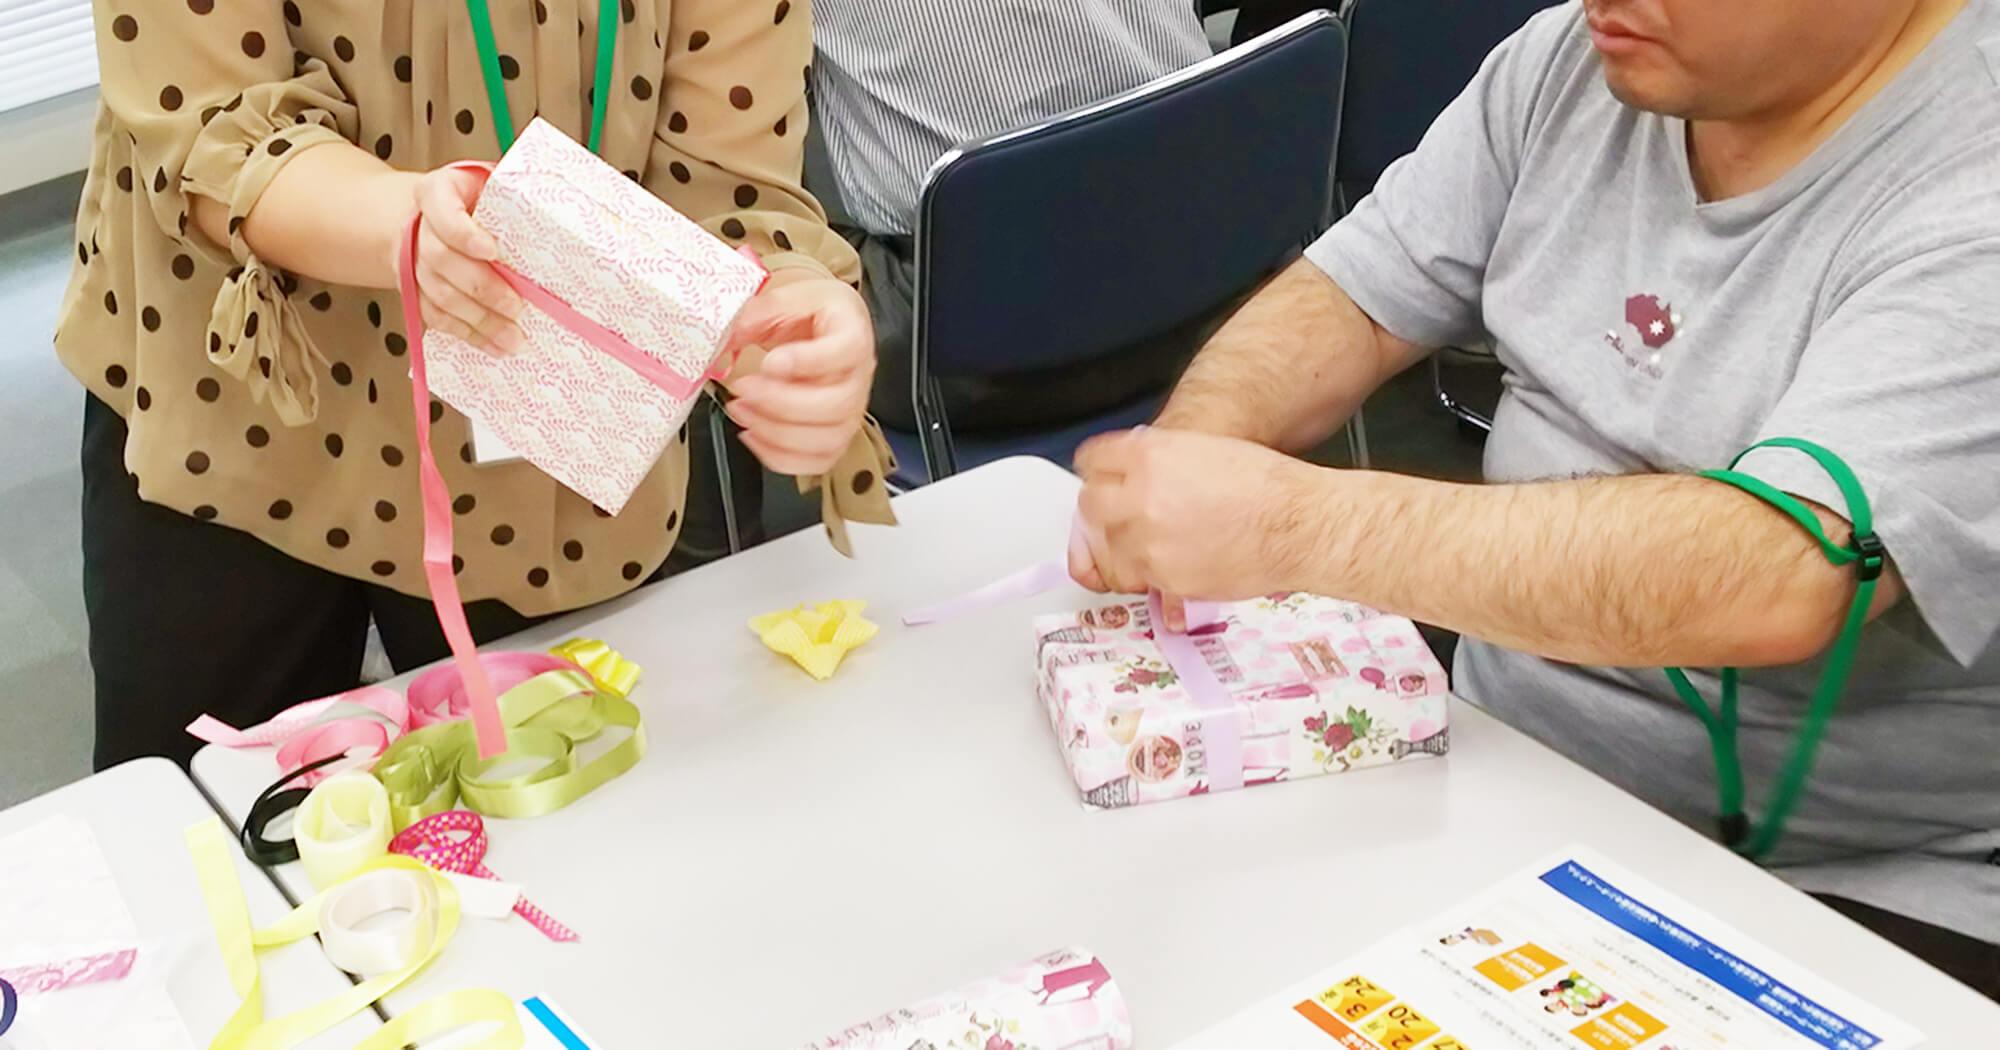 福祉サービス実演体験会【ハローワーク大阪西】 @ ハローワーク大阪西 3階会場